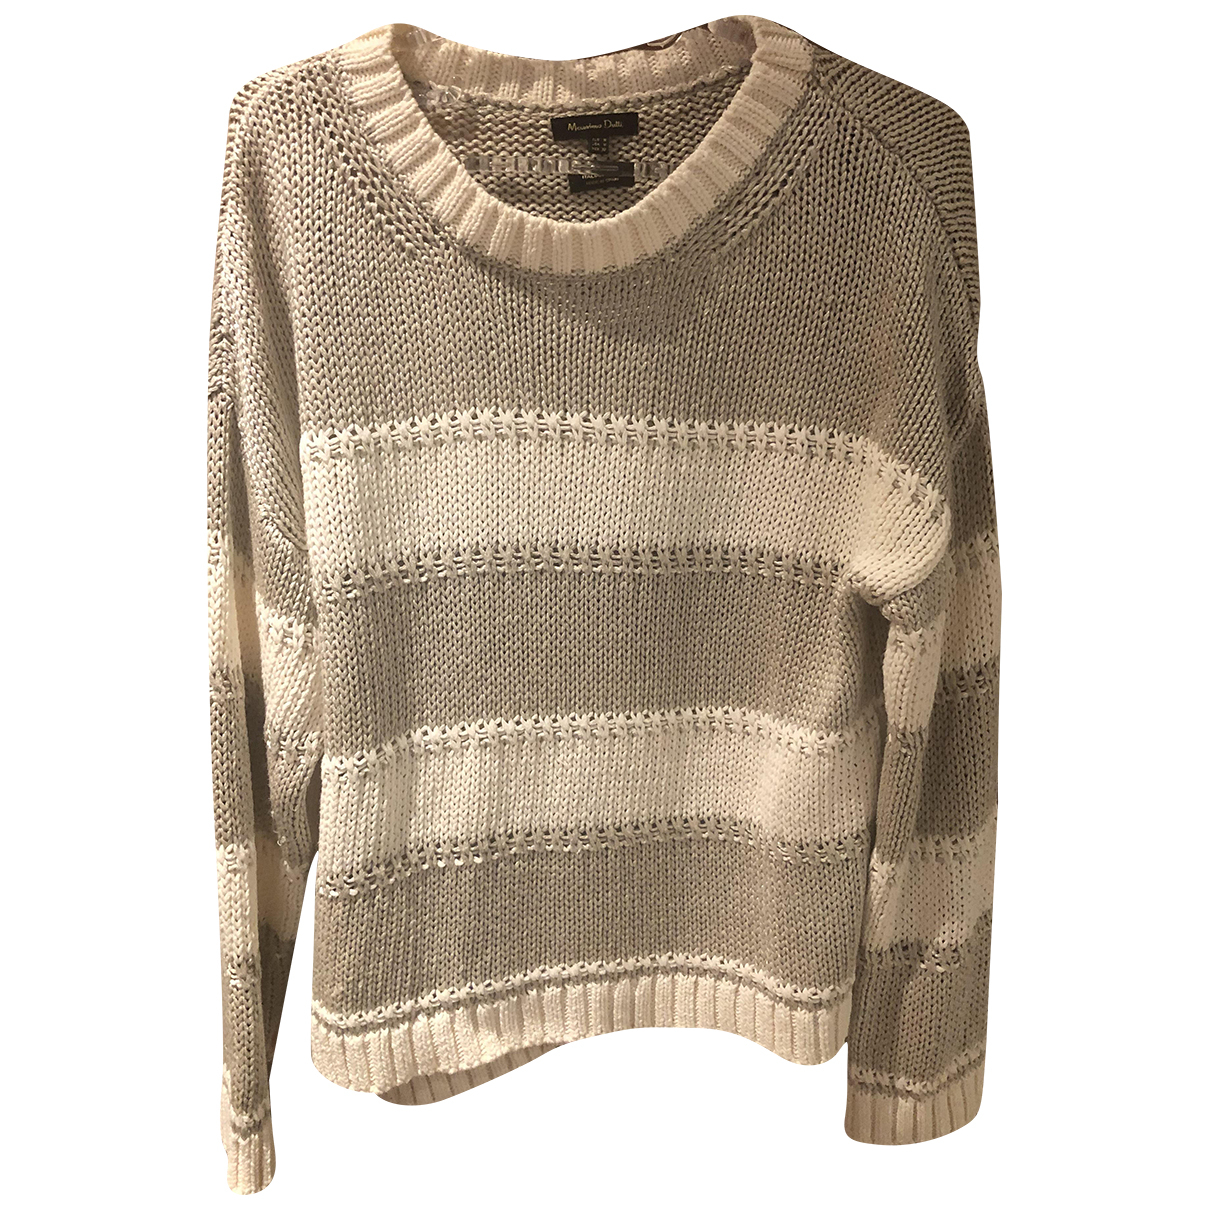 Massimo Dutti N Beige Knitwear for Women M International